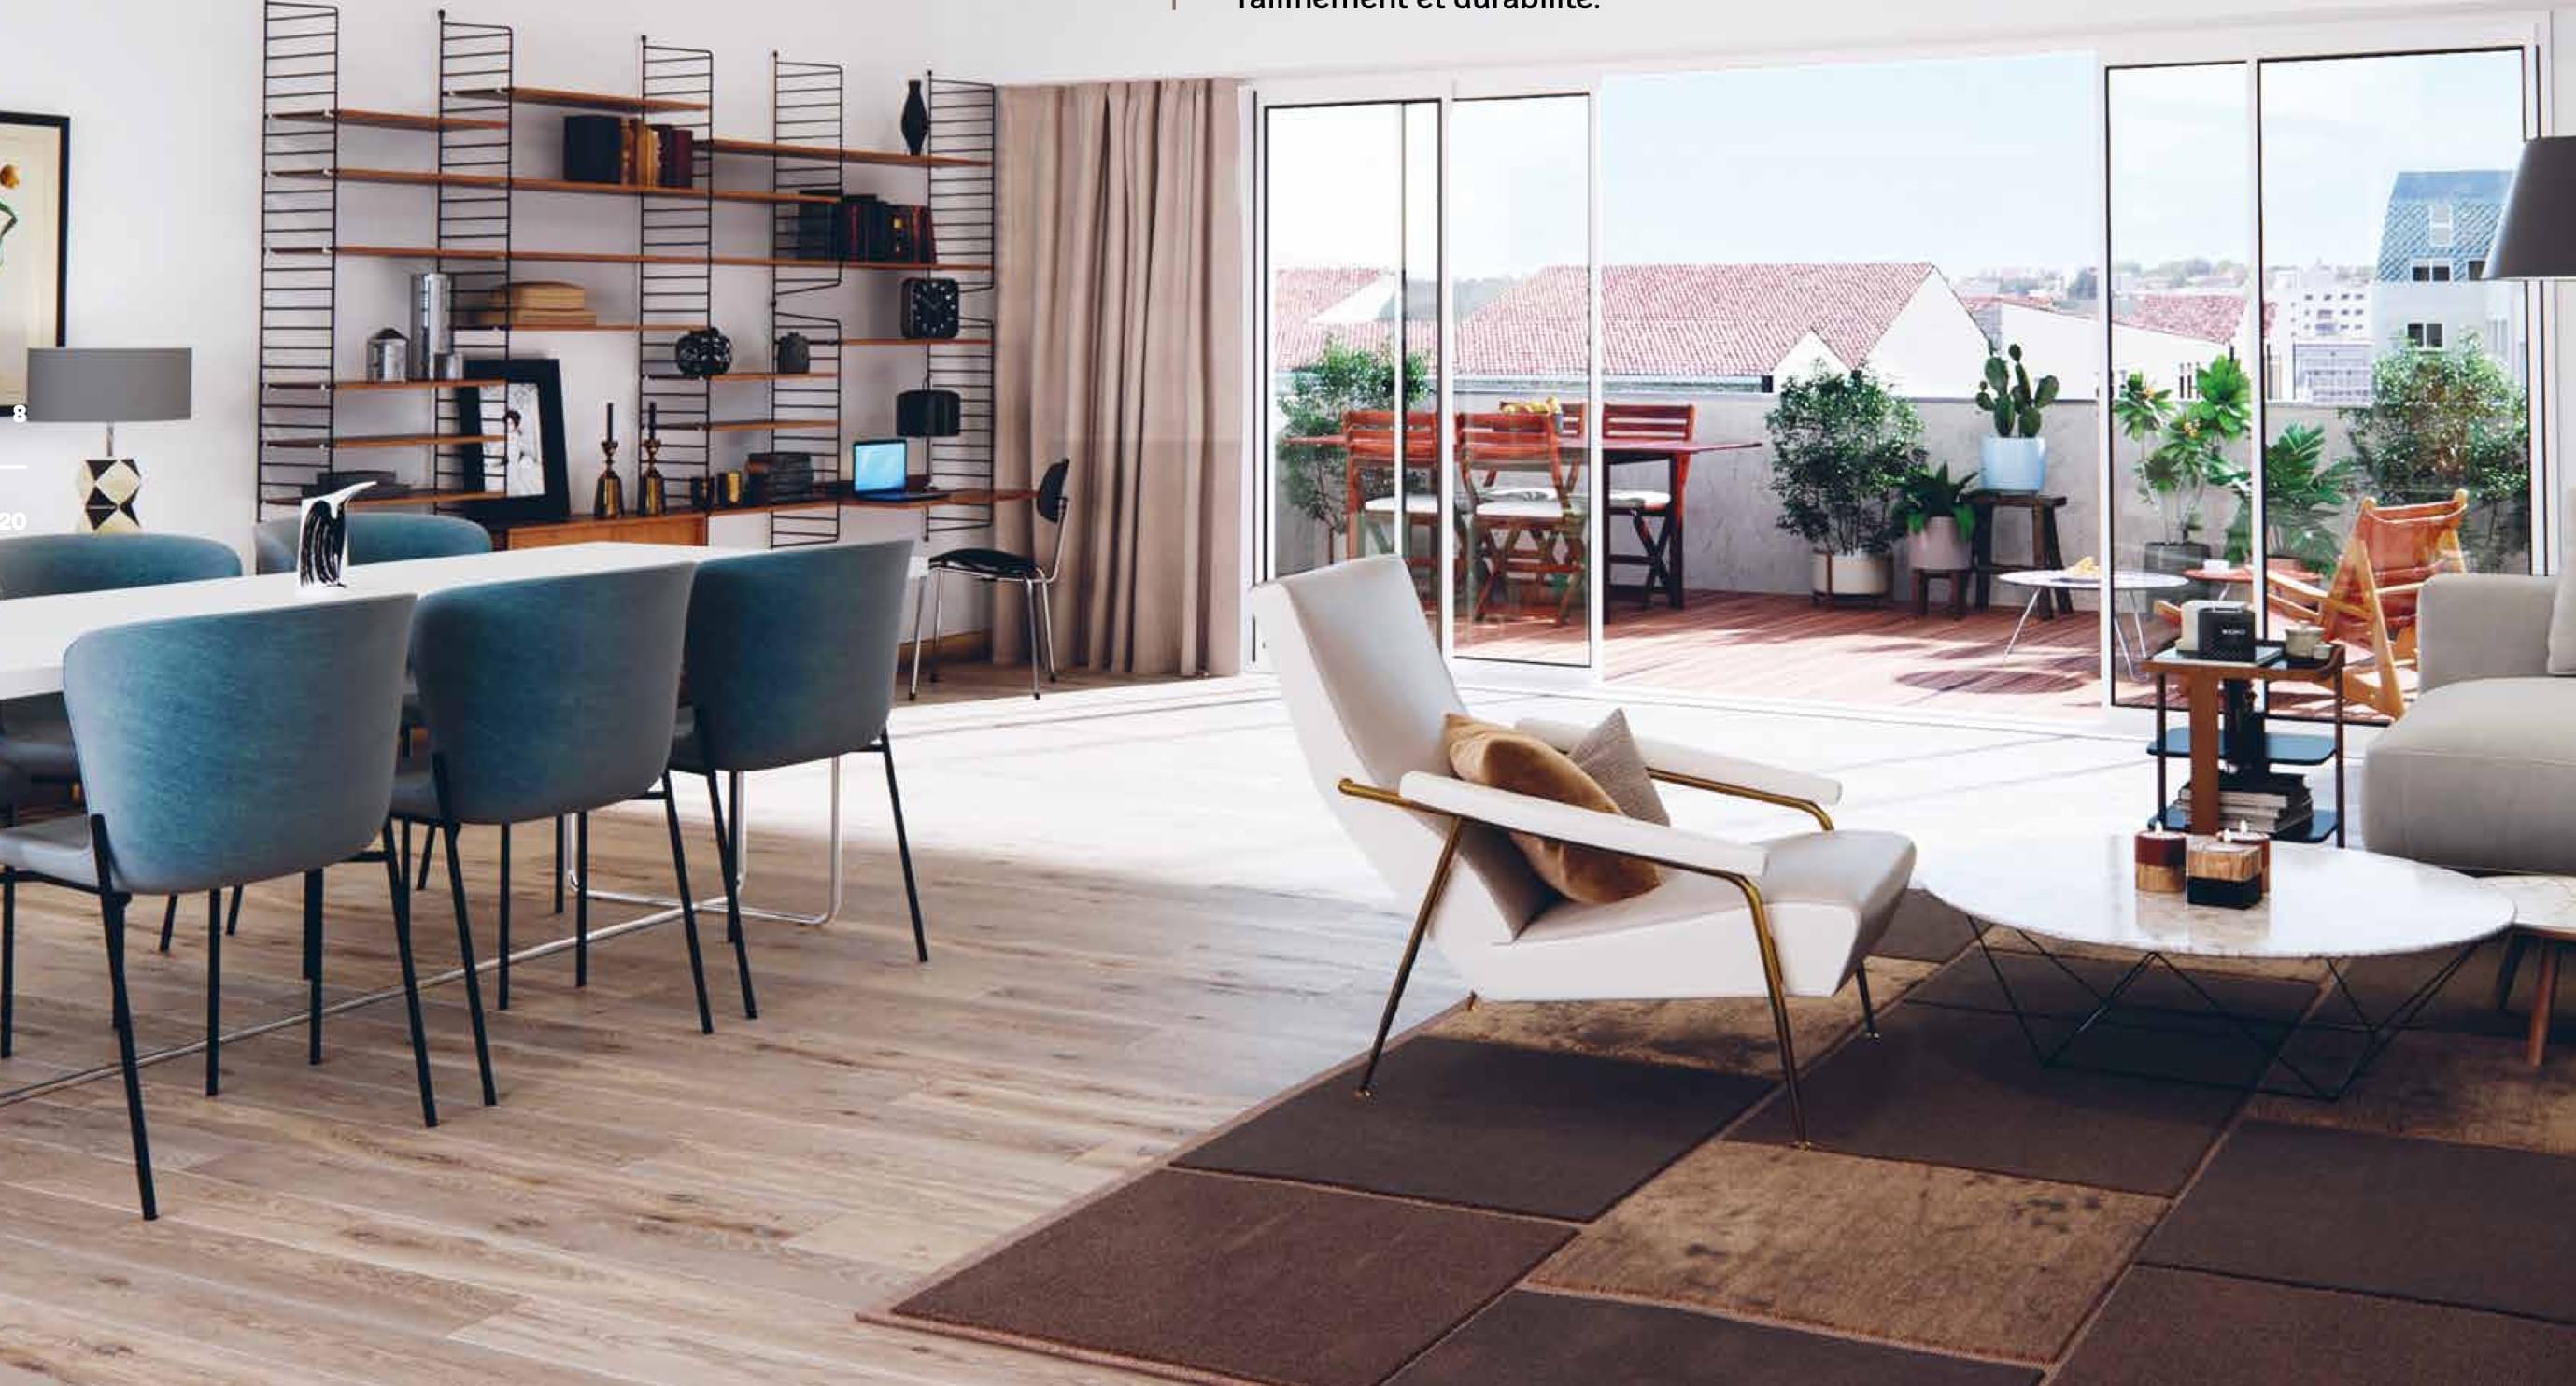 Résidence à Bordeaux Centre ville, Architecture moderne, Les commerces ,